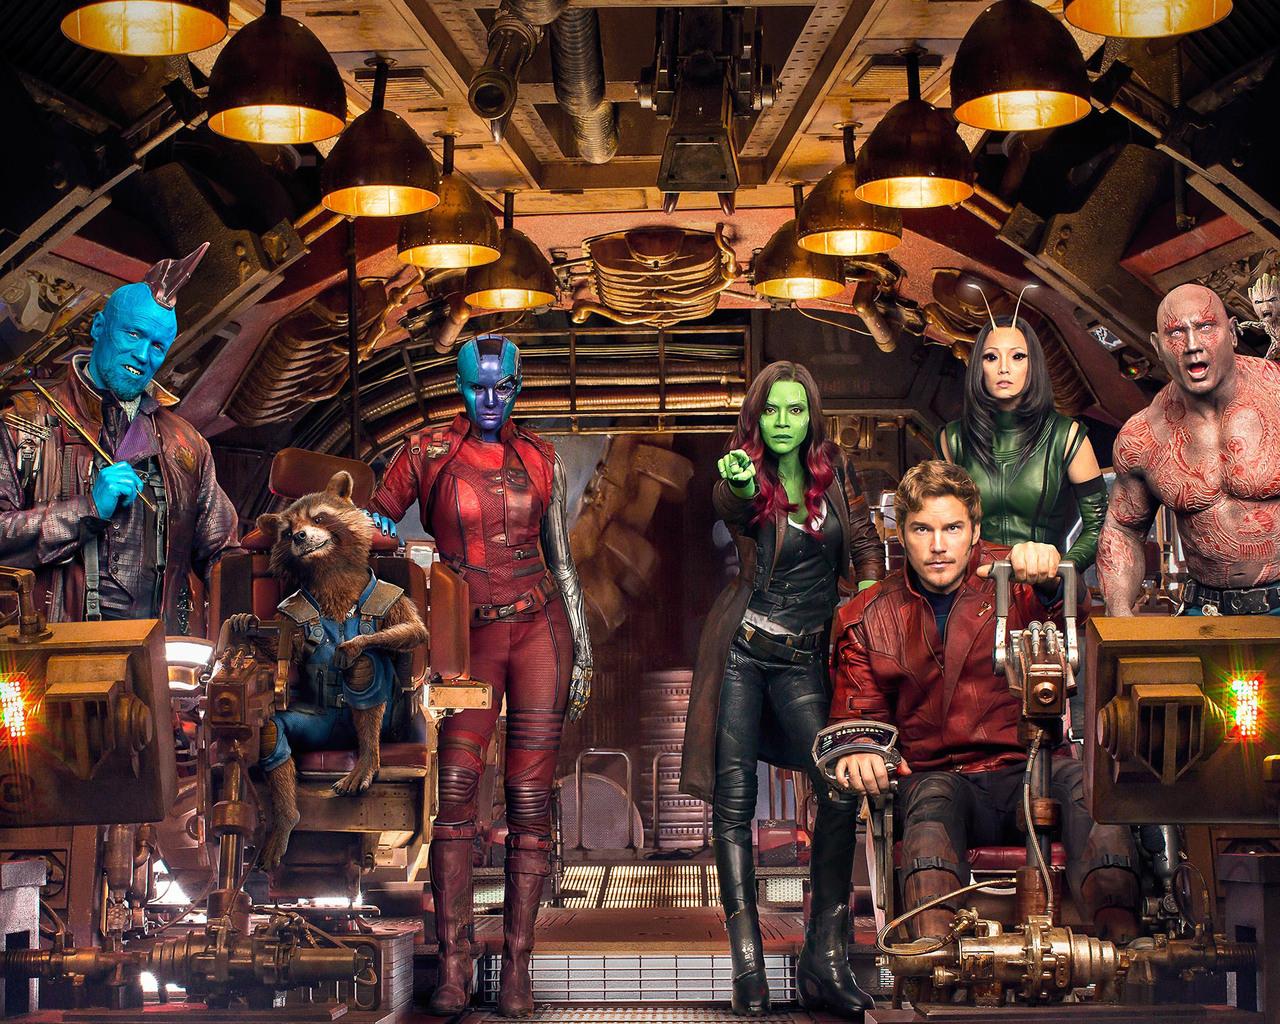 Guardians Of The Galaxy Vol 2 Wallpaper: 1280x1024 Guardians Of The Galaxy Vol 2 Cast 1280x1024